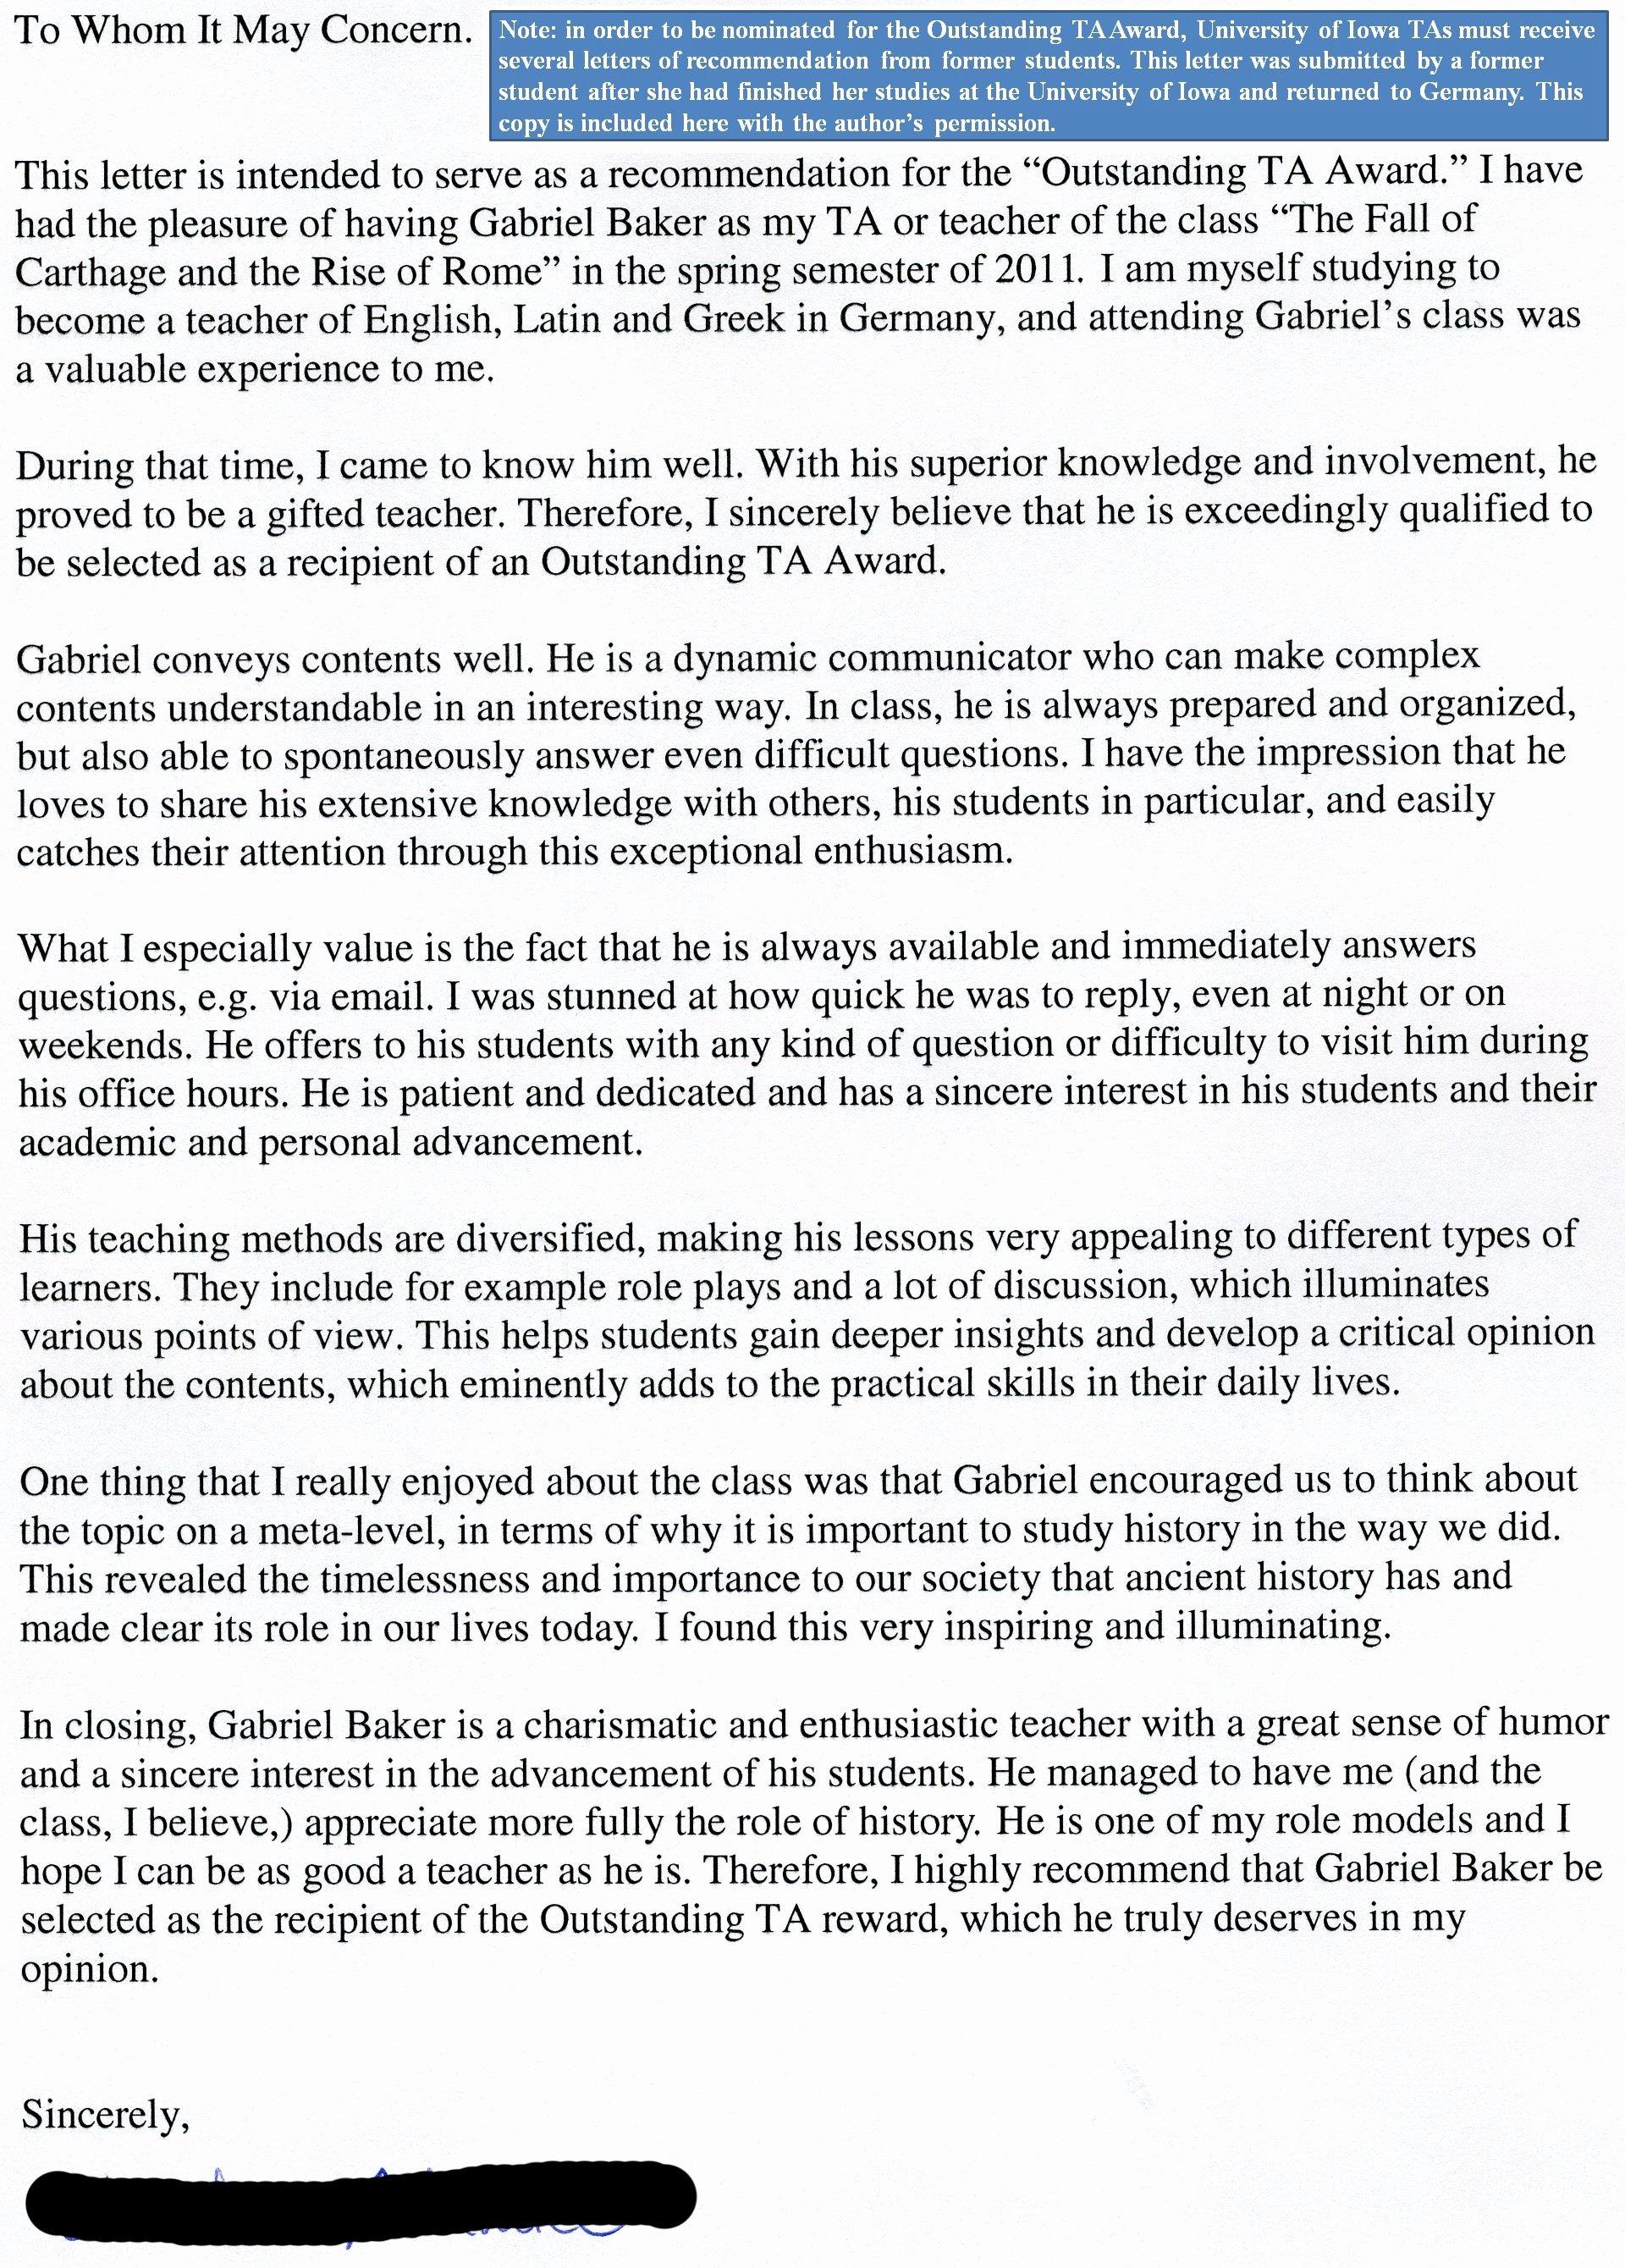 Teaching Award Recommendation Letter Elegant Teaching – Gabriel David Baker